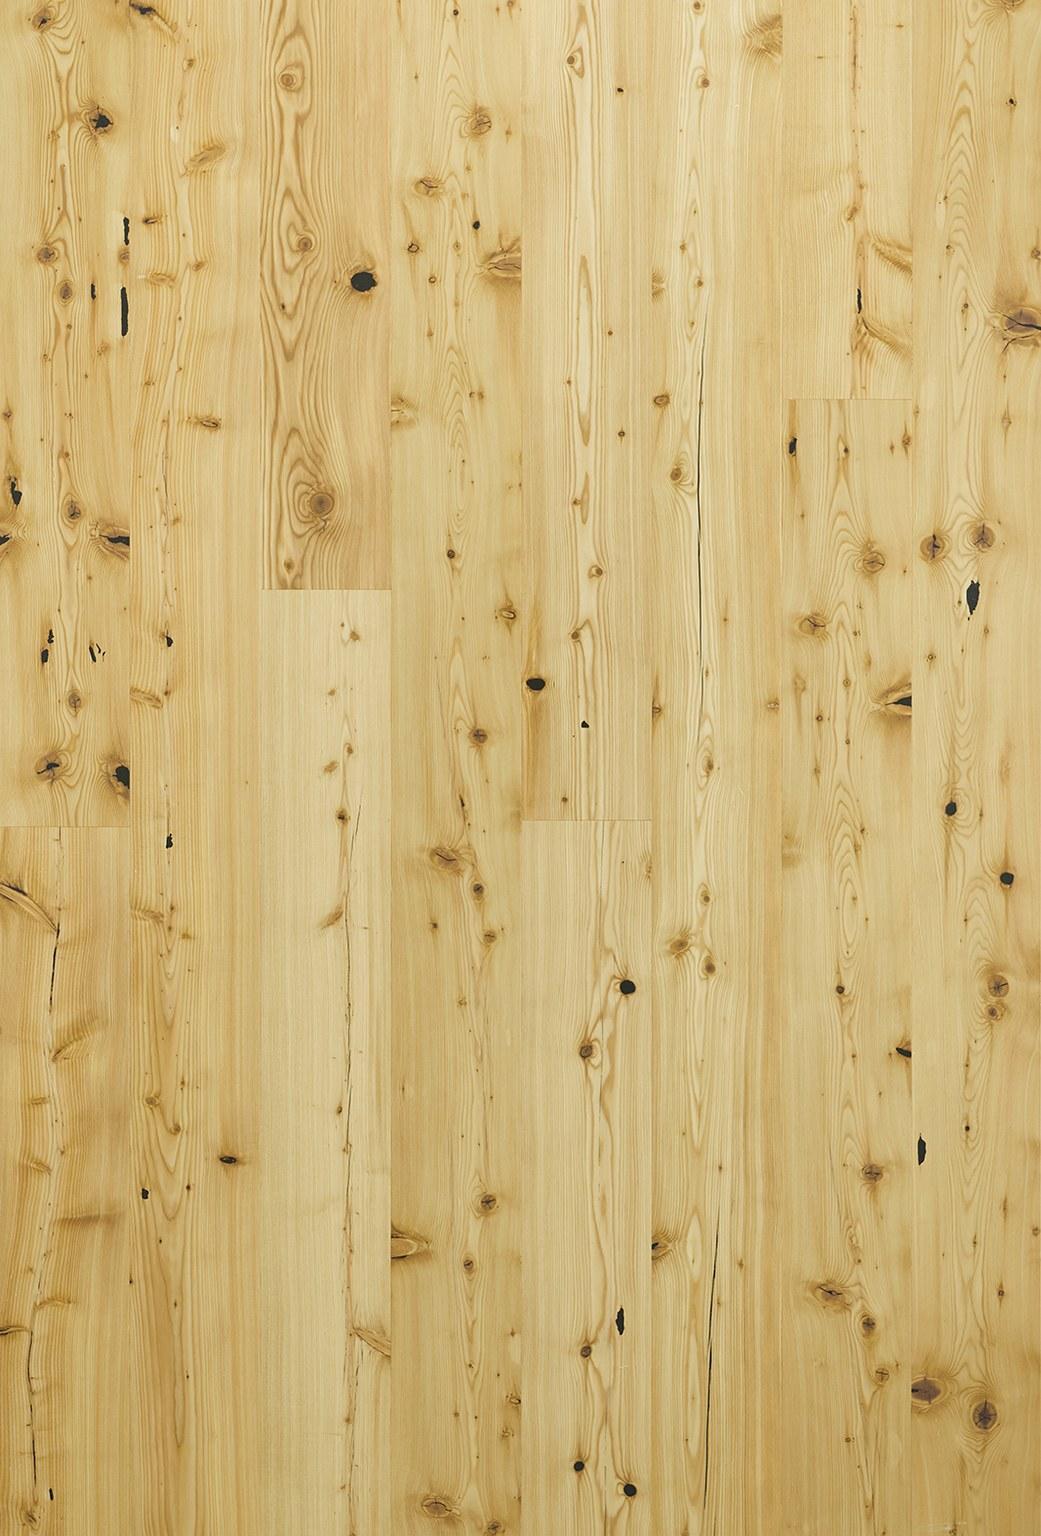 Timberwise Parketti Lankkuparketti Puulattia Wooden Floor Parquet Plank Lehtikuusi Vintage Öljyvahattu Wax Oiled 2D1